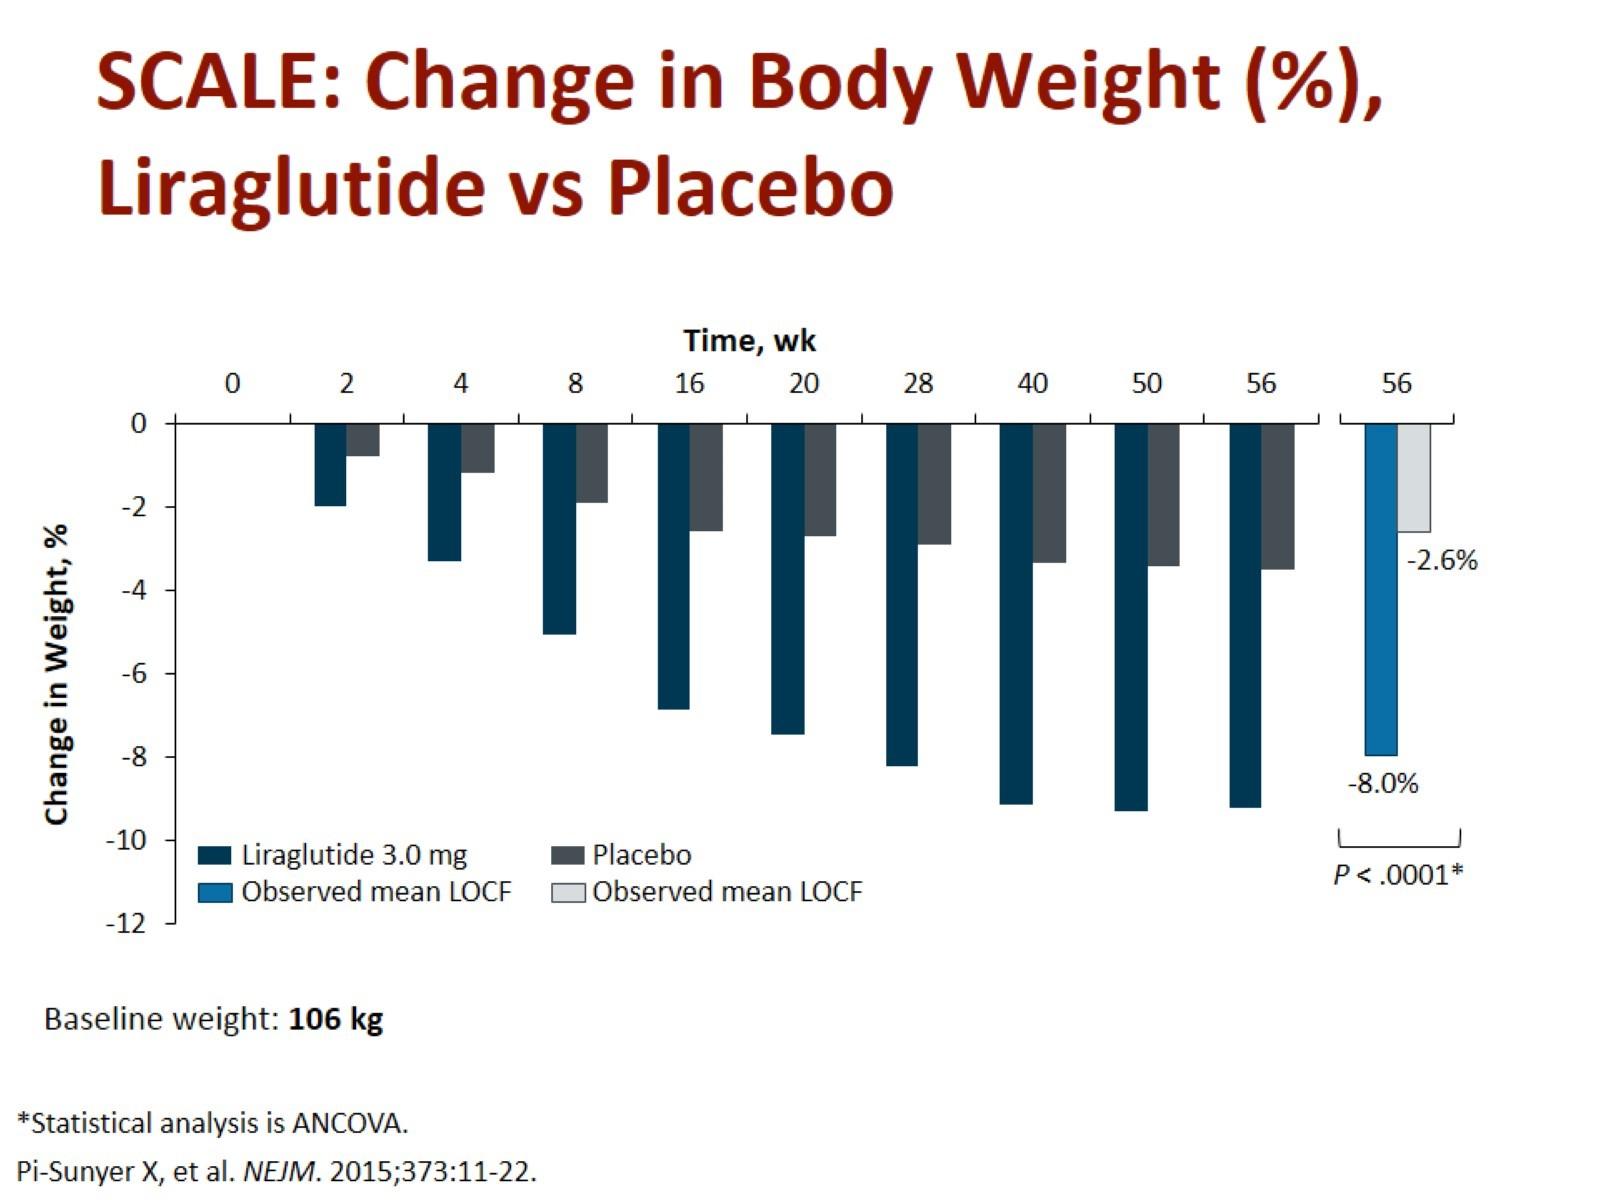 Změna hmotnosti při podávání liraglutidu vs. placebo v délce 1 roku. Zdroj: Pi-Sunyer X, Astrum A, Fujioka K et al. A randomized, controlled trial of 3.0 mg of Liraglutide in weight management. N Engl J Med 2015; 373: 11–22. doi: 10.1056/NEJMoa1411892.<br> Fig. 7. Weight change when liraglutide vs. placebo over 1 year. Source: Pi-Sunyer X, Astrum A, Fujioka K et al. A randomized, controlled trial of 3.0 mg of Liraglutide in weight management. N Engl J Med 2015; 373: 11–22. doi: 10.1056/NEJMoa1411892.